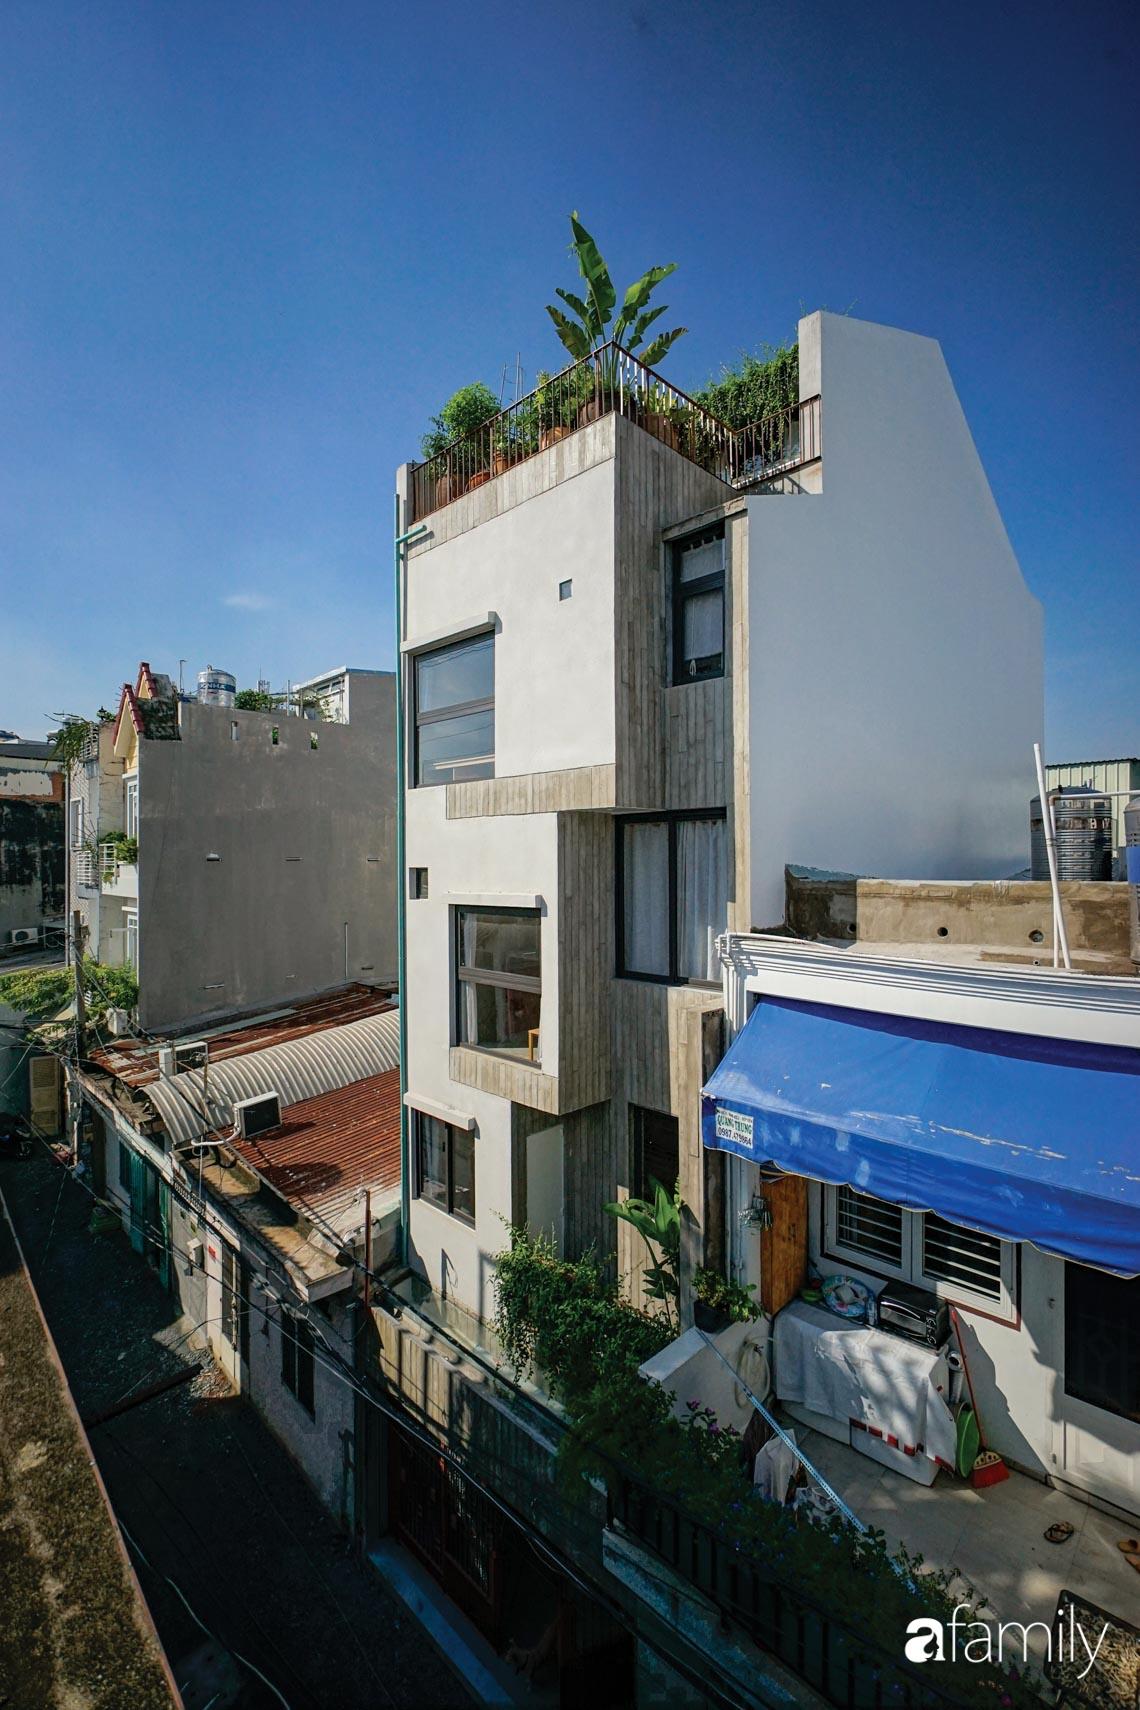 Ngôi nhà phố thiết kế khác biệt để mang đến những điều đặc biệt cho cuộc sống của gia đình trẻ ở TP HCM - Ảnh 1.